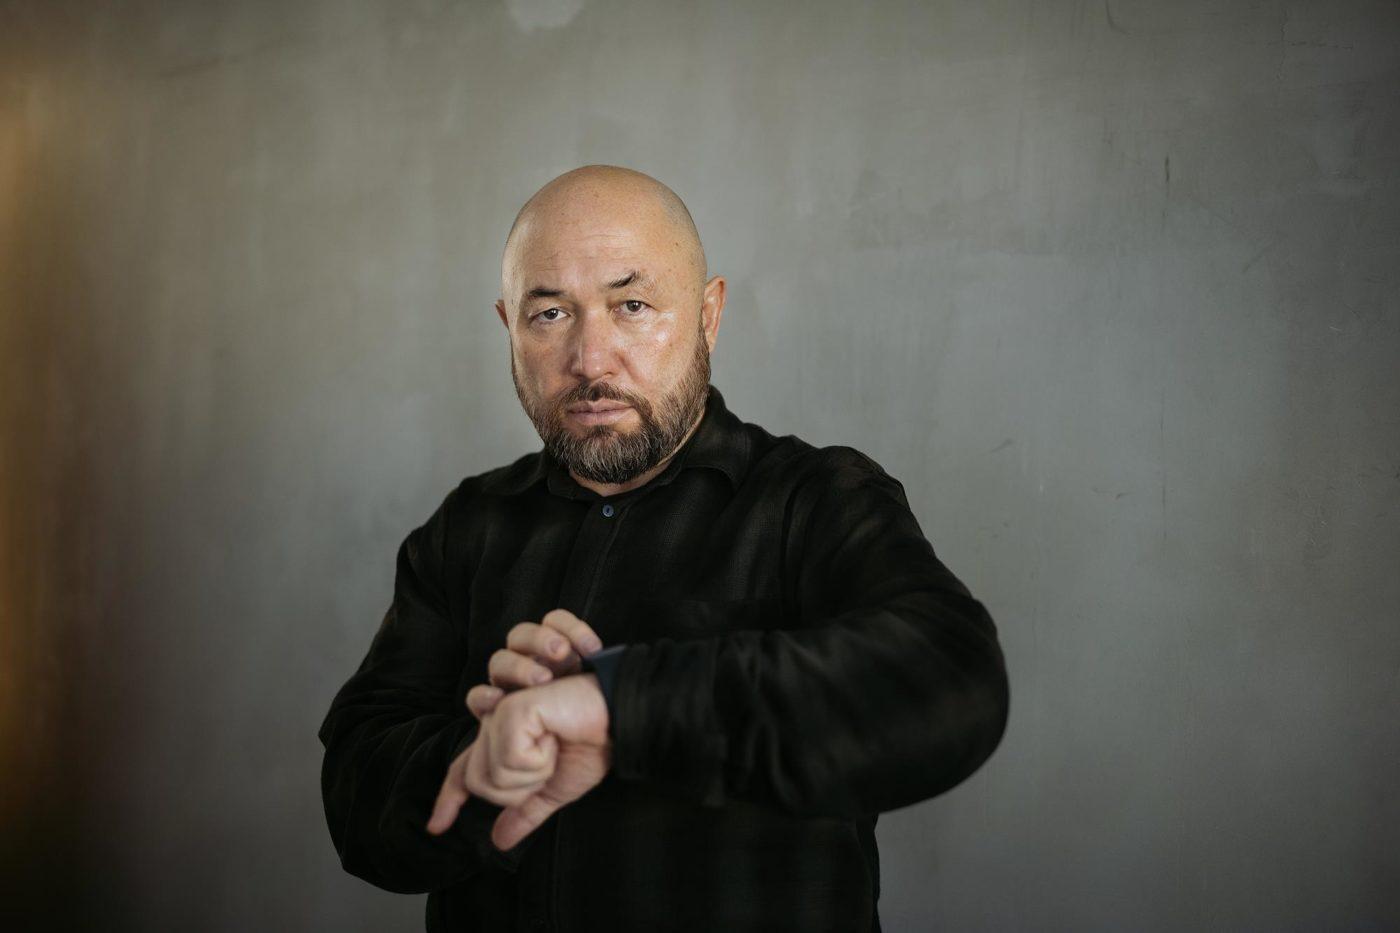 Тимур Бекмамбетов спродюсирует 5 голливудских фильмов по Скайпу